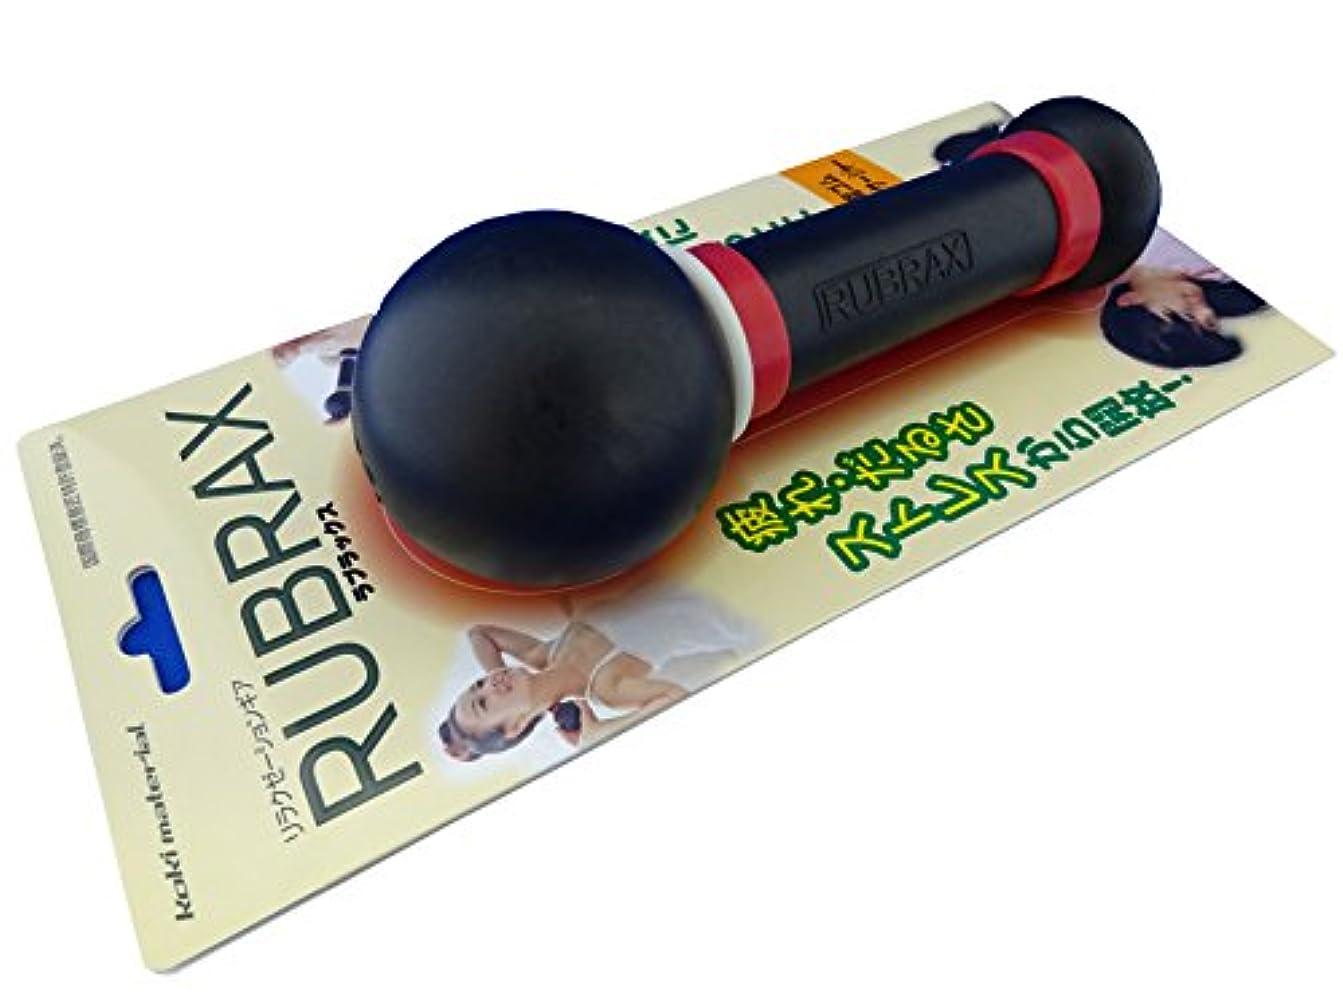 大洪水放棄するひねりコーキマテリアル リラクゼーションギア RUBRAX(ラブラックス)